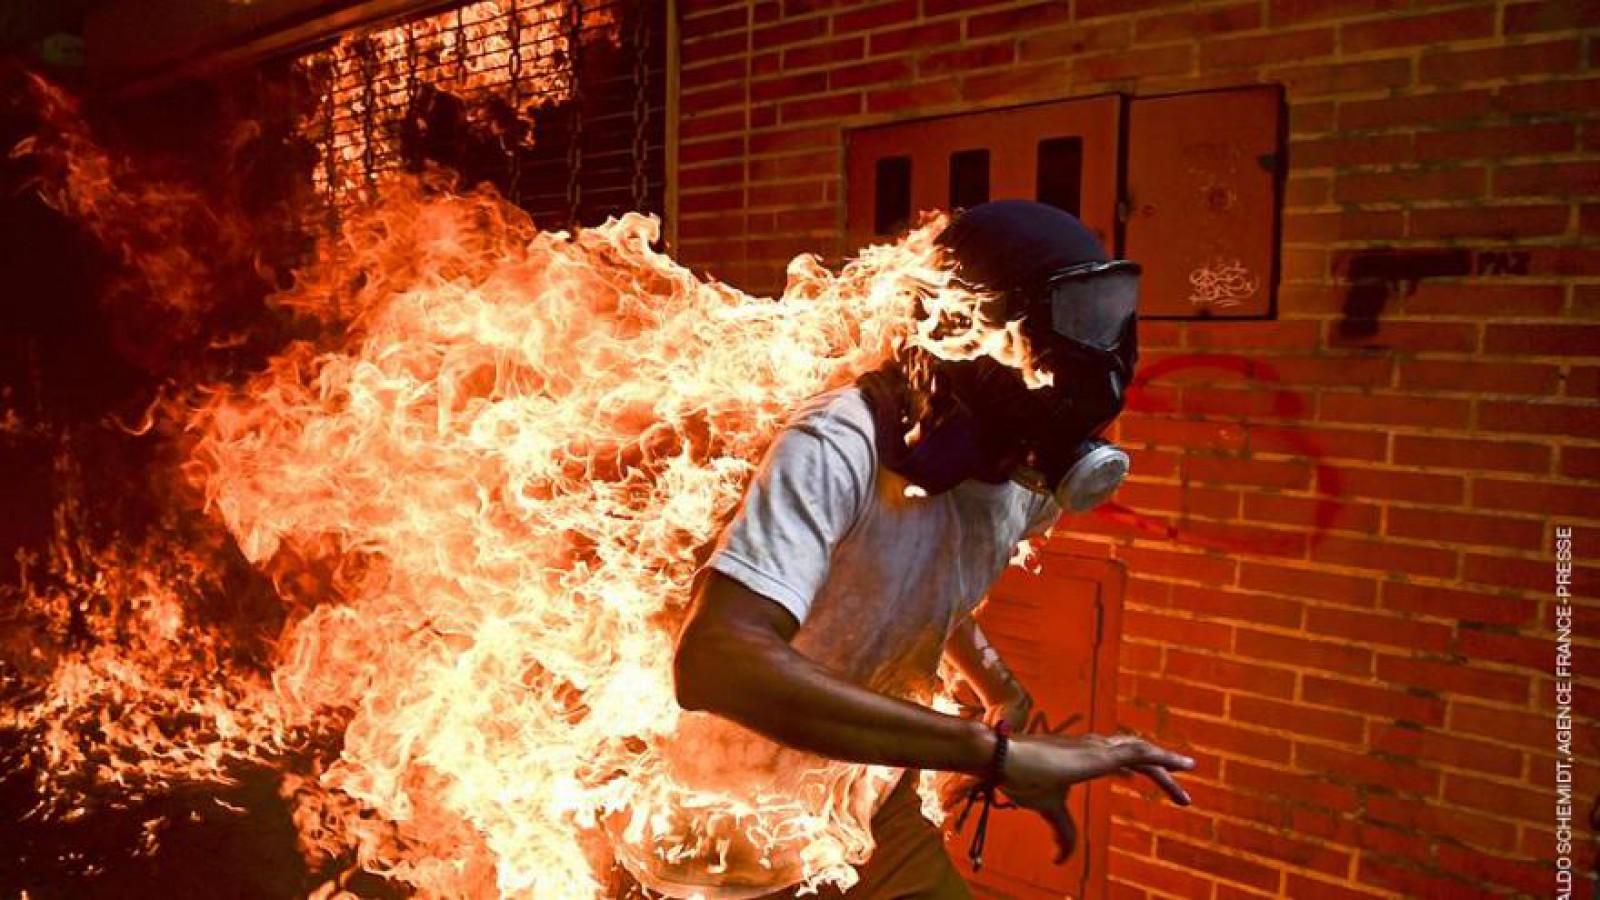 Fotografia unui om cuprins de flăcări în timpul protestelor din Venezuela, câştigătoarea World Press Photo 2018